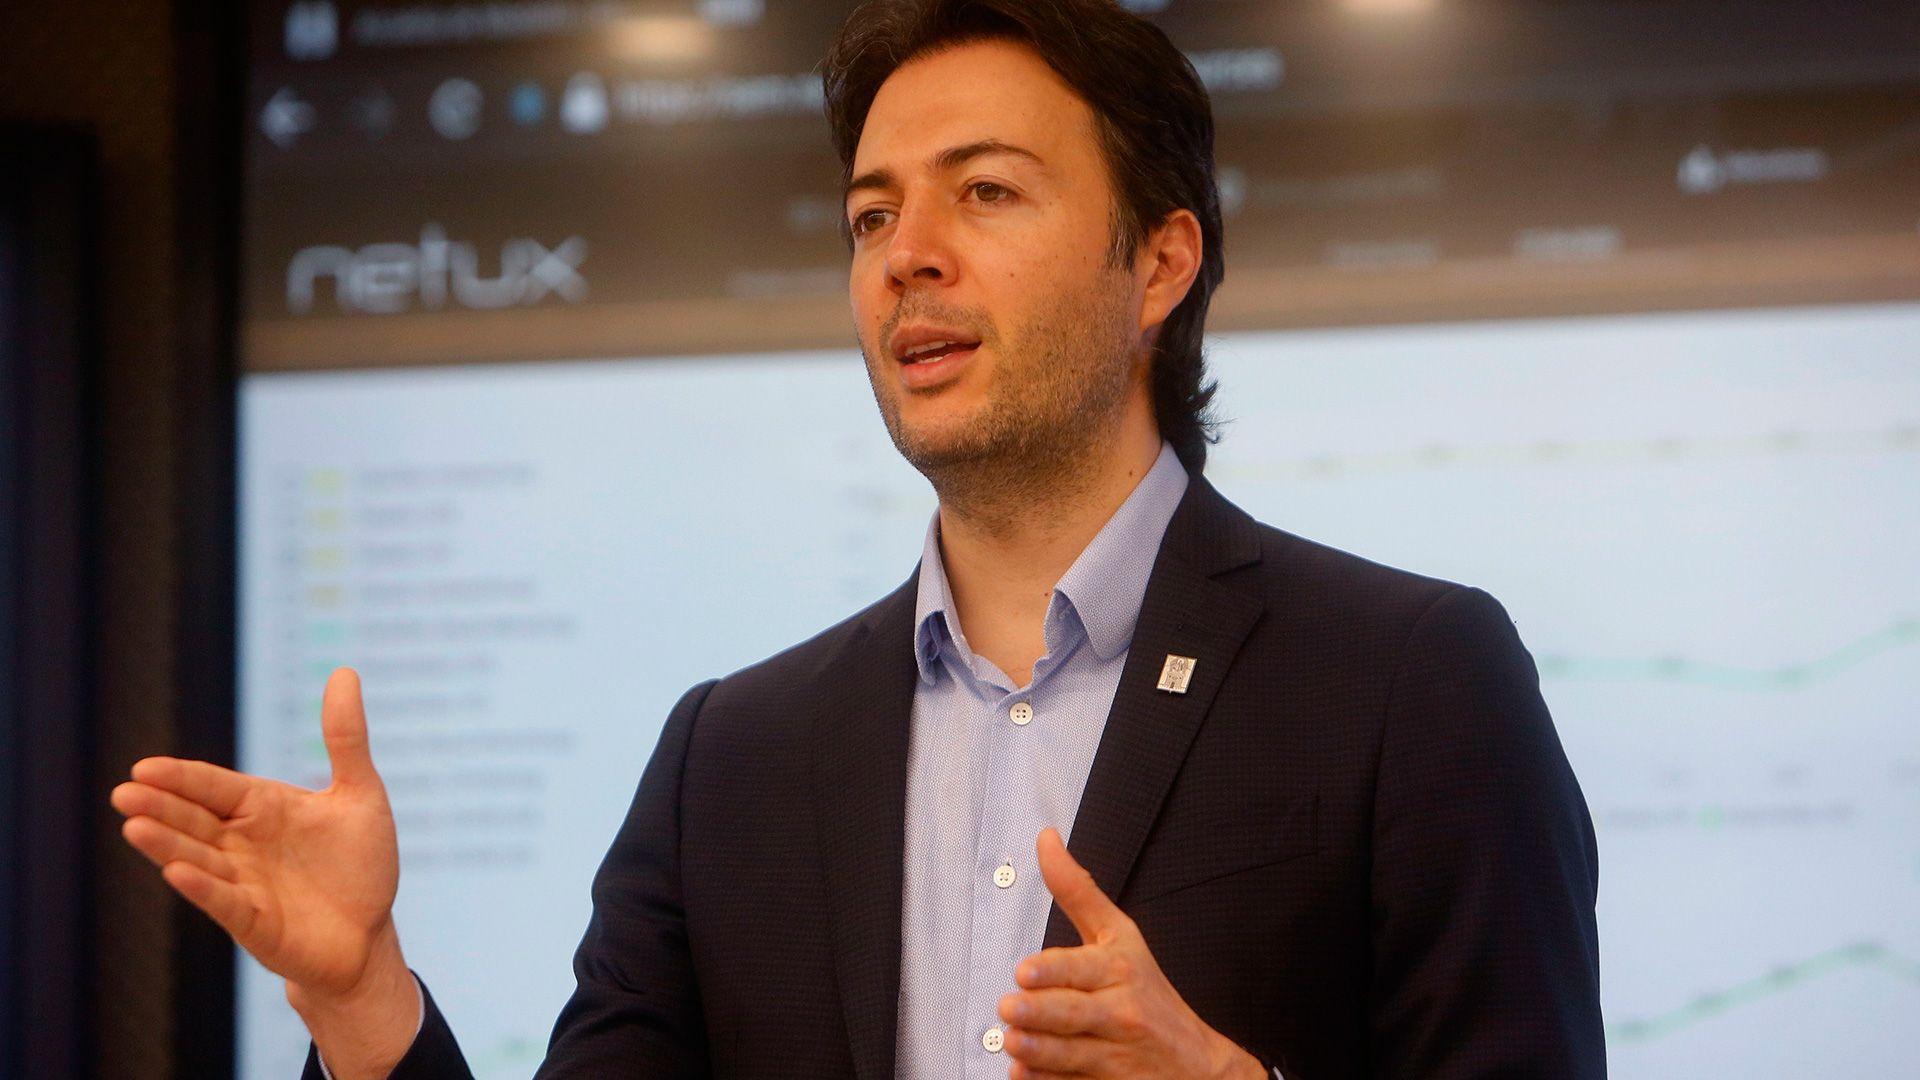 Tecnología y Big Data, la innovadora apuesta de Medellín contra la pandemia